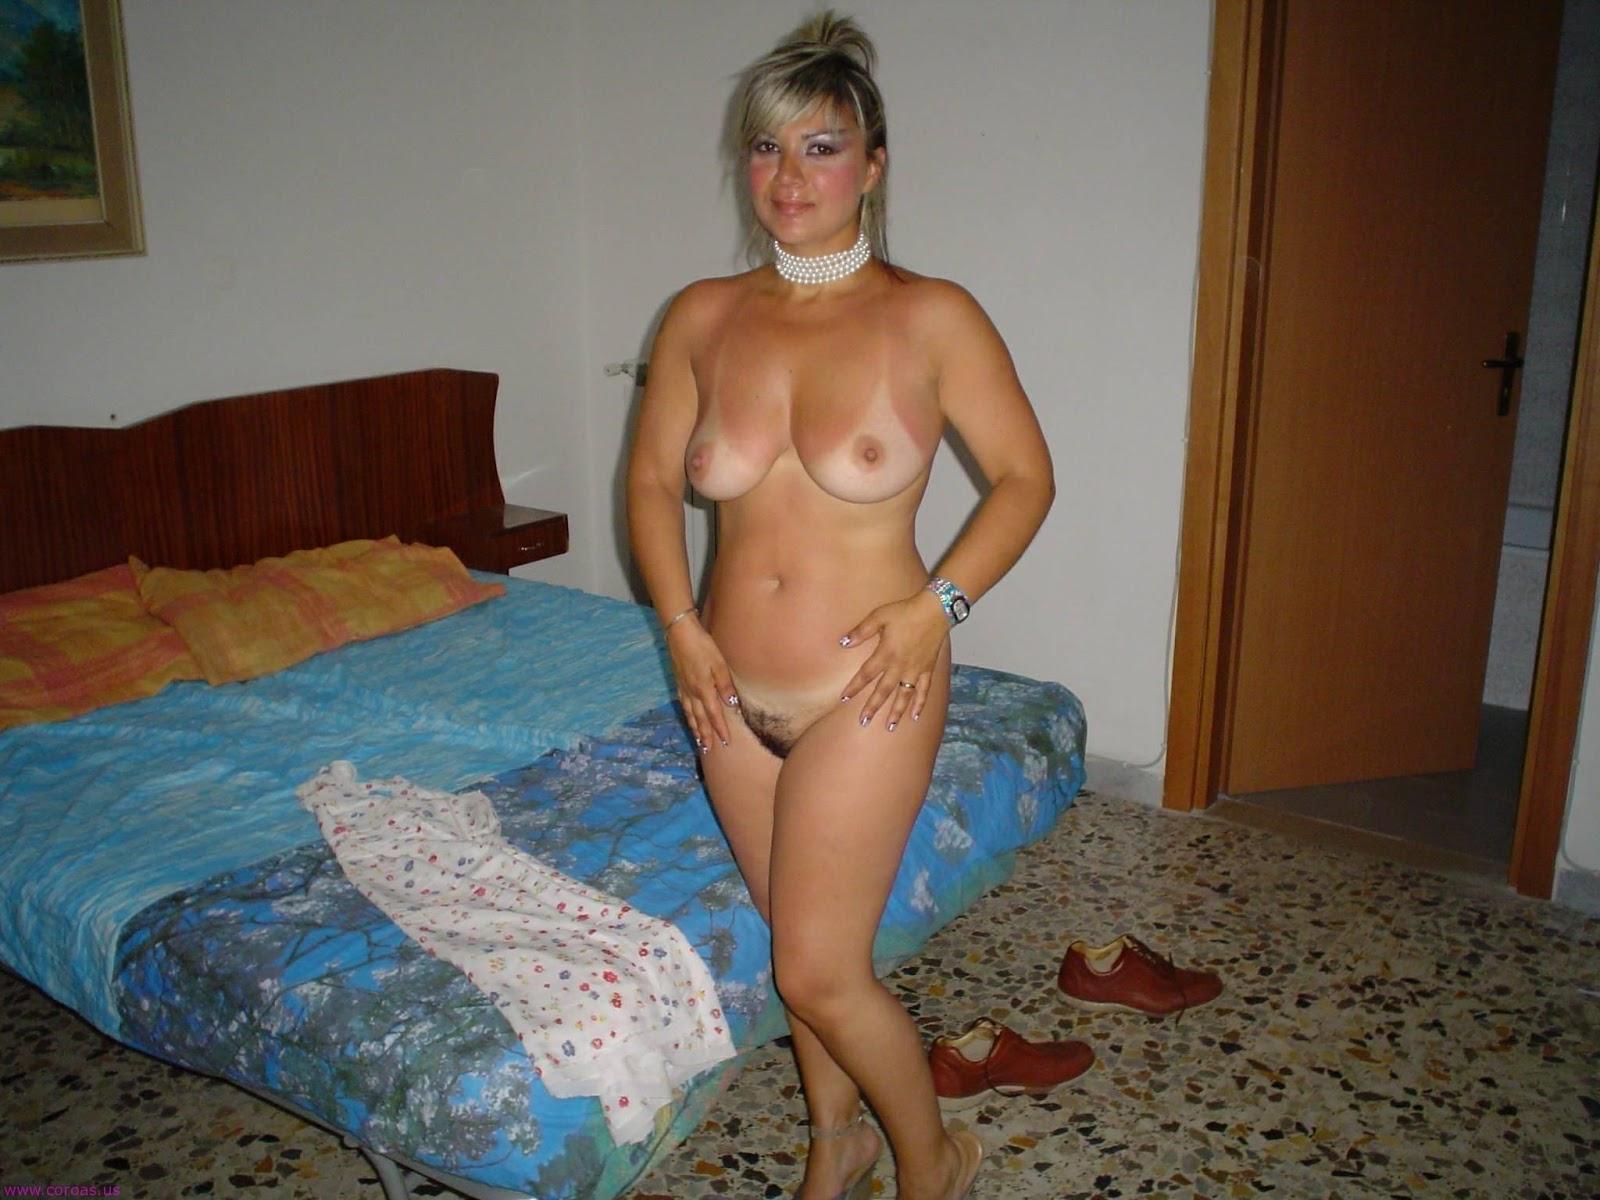 Фото зрелых голых женщин за 40 50, Голые Женщины за 40. Секс и порно с сороколетними 20 фотография